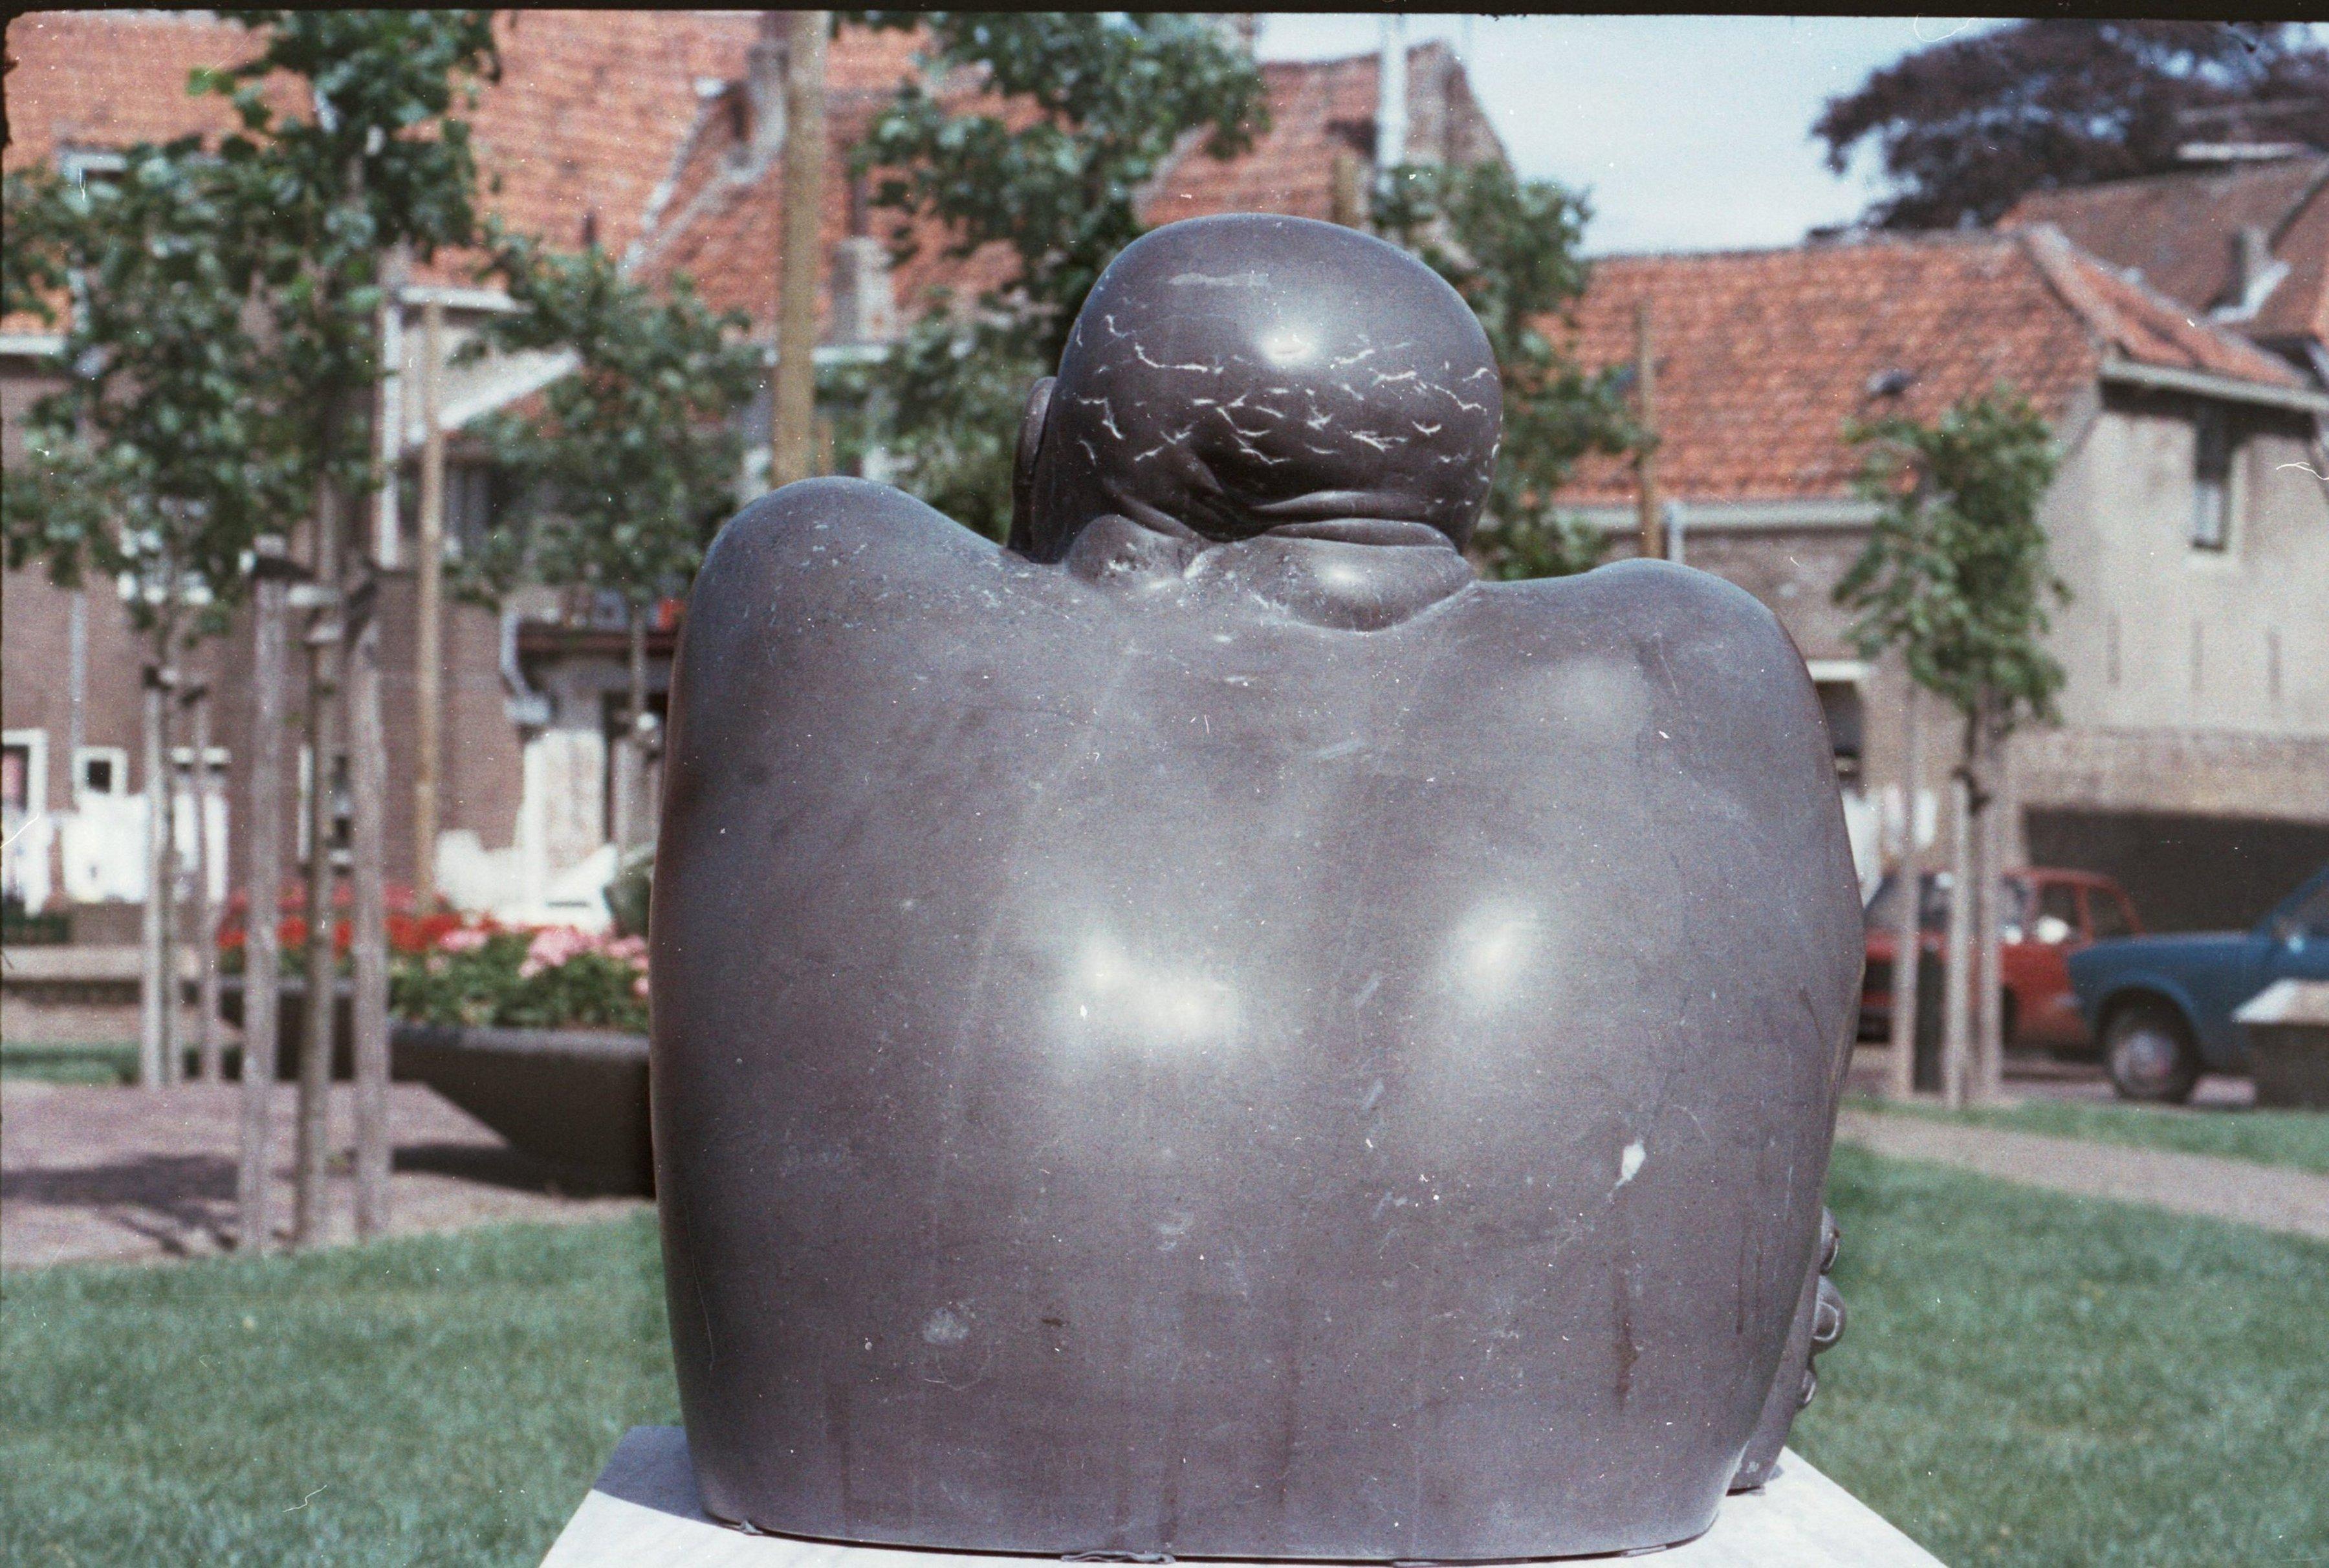 Cycloop (1980, marmer, in bezit van Museum Beelden aan Zee)